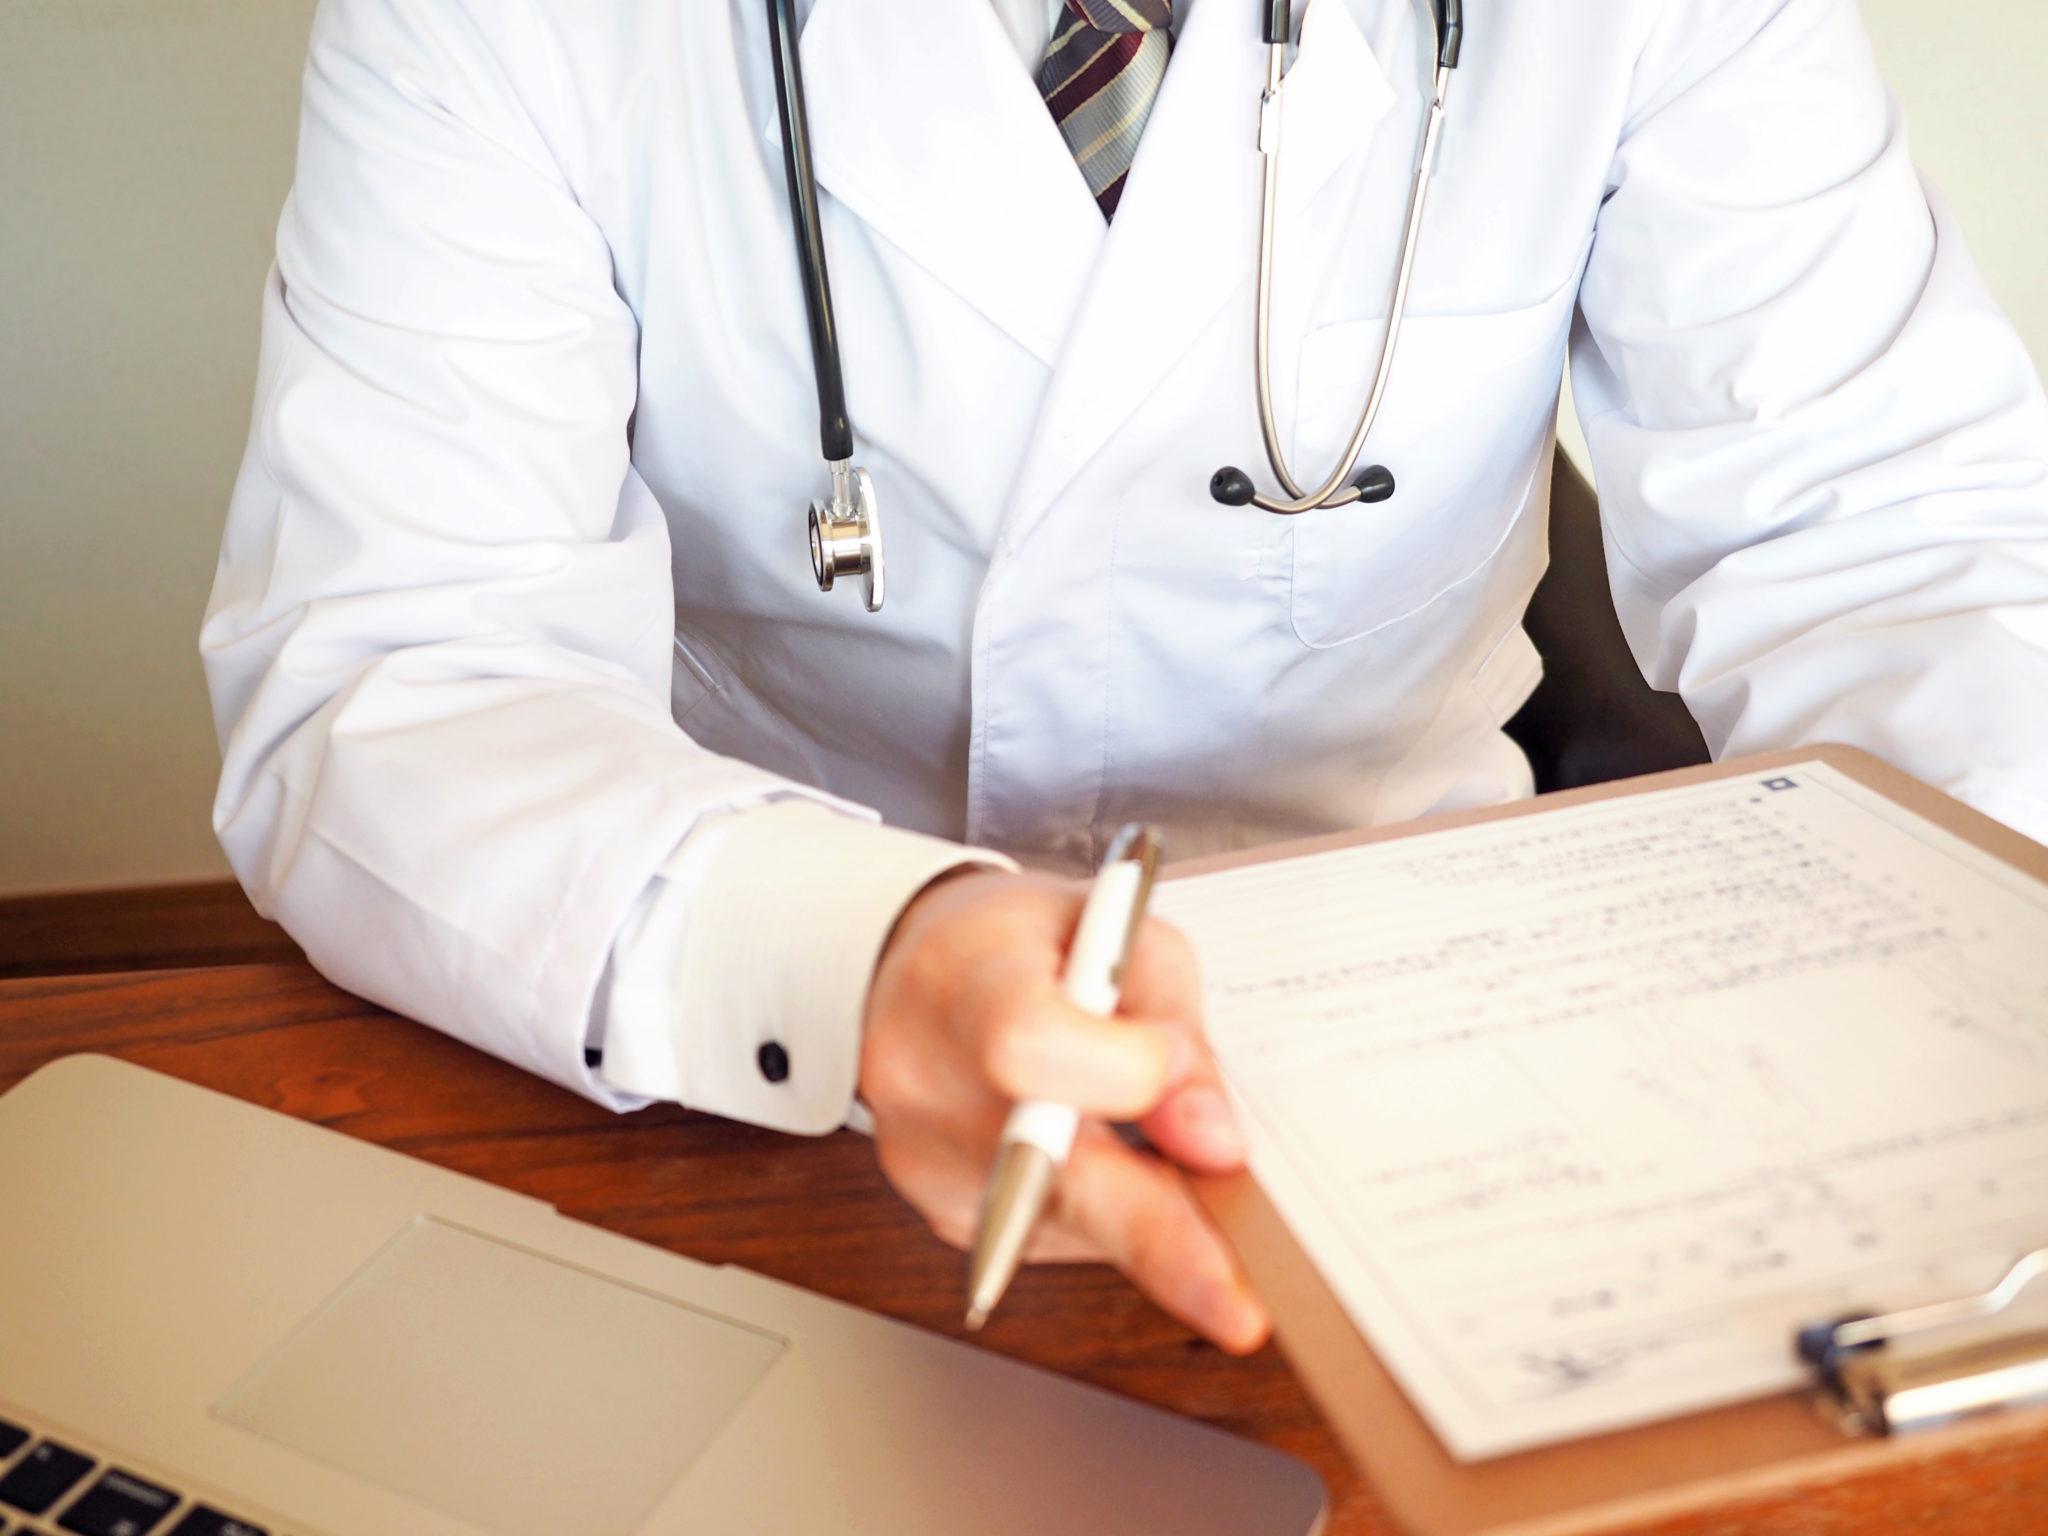 醫生會審慎評估,為大腸癌患者進行合適的治療